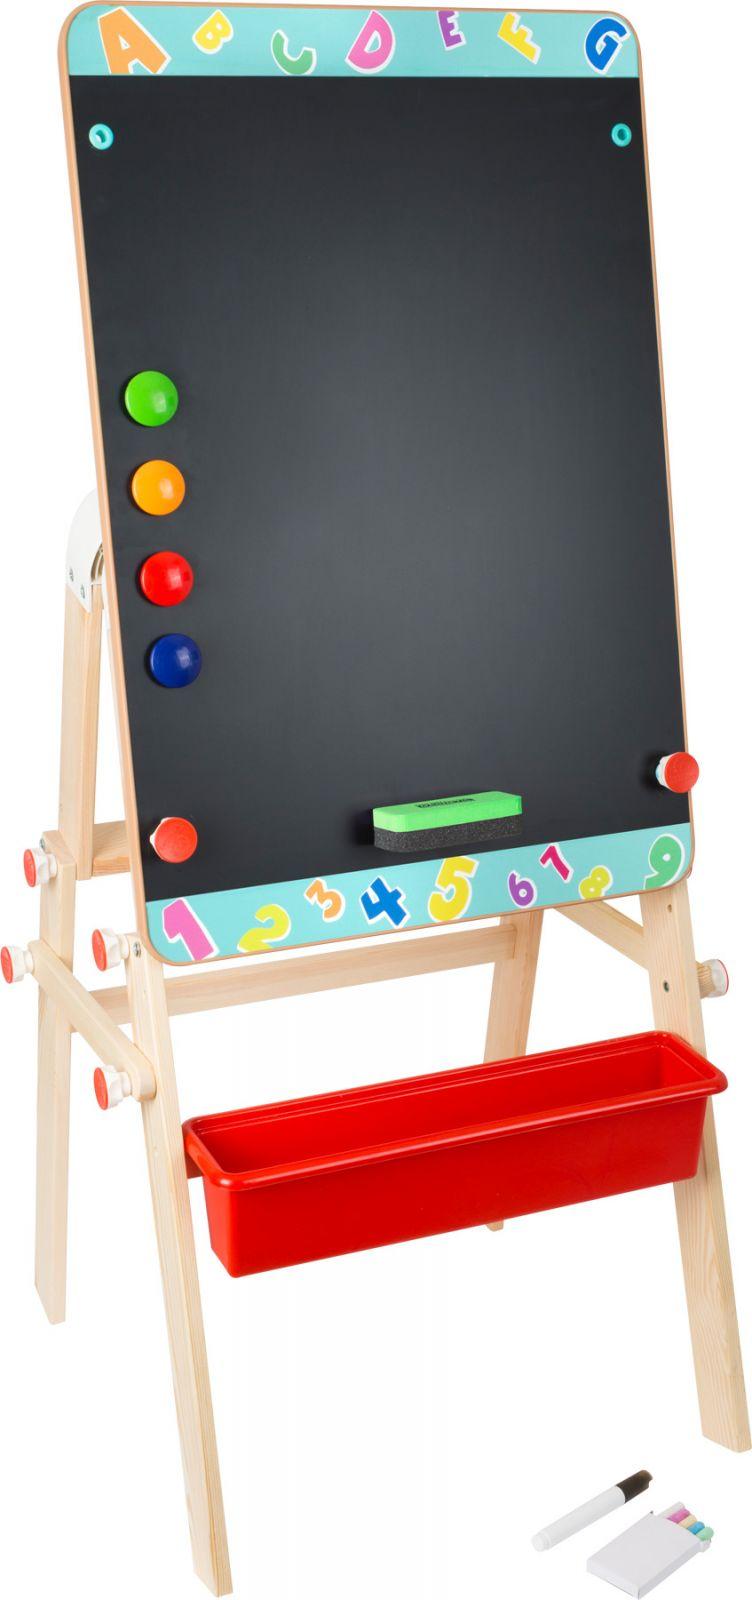 Dřevěné hračky Small Foot Dřevěná tabule 2v1 Small foot by Legler